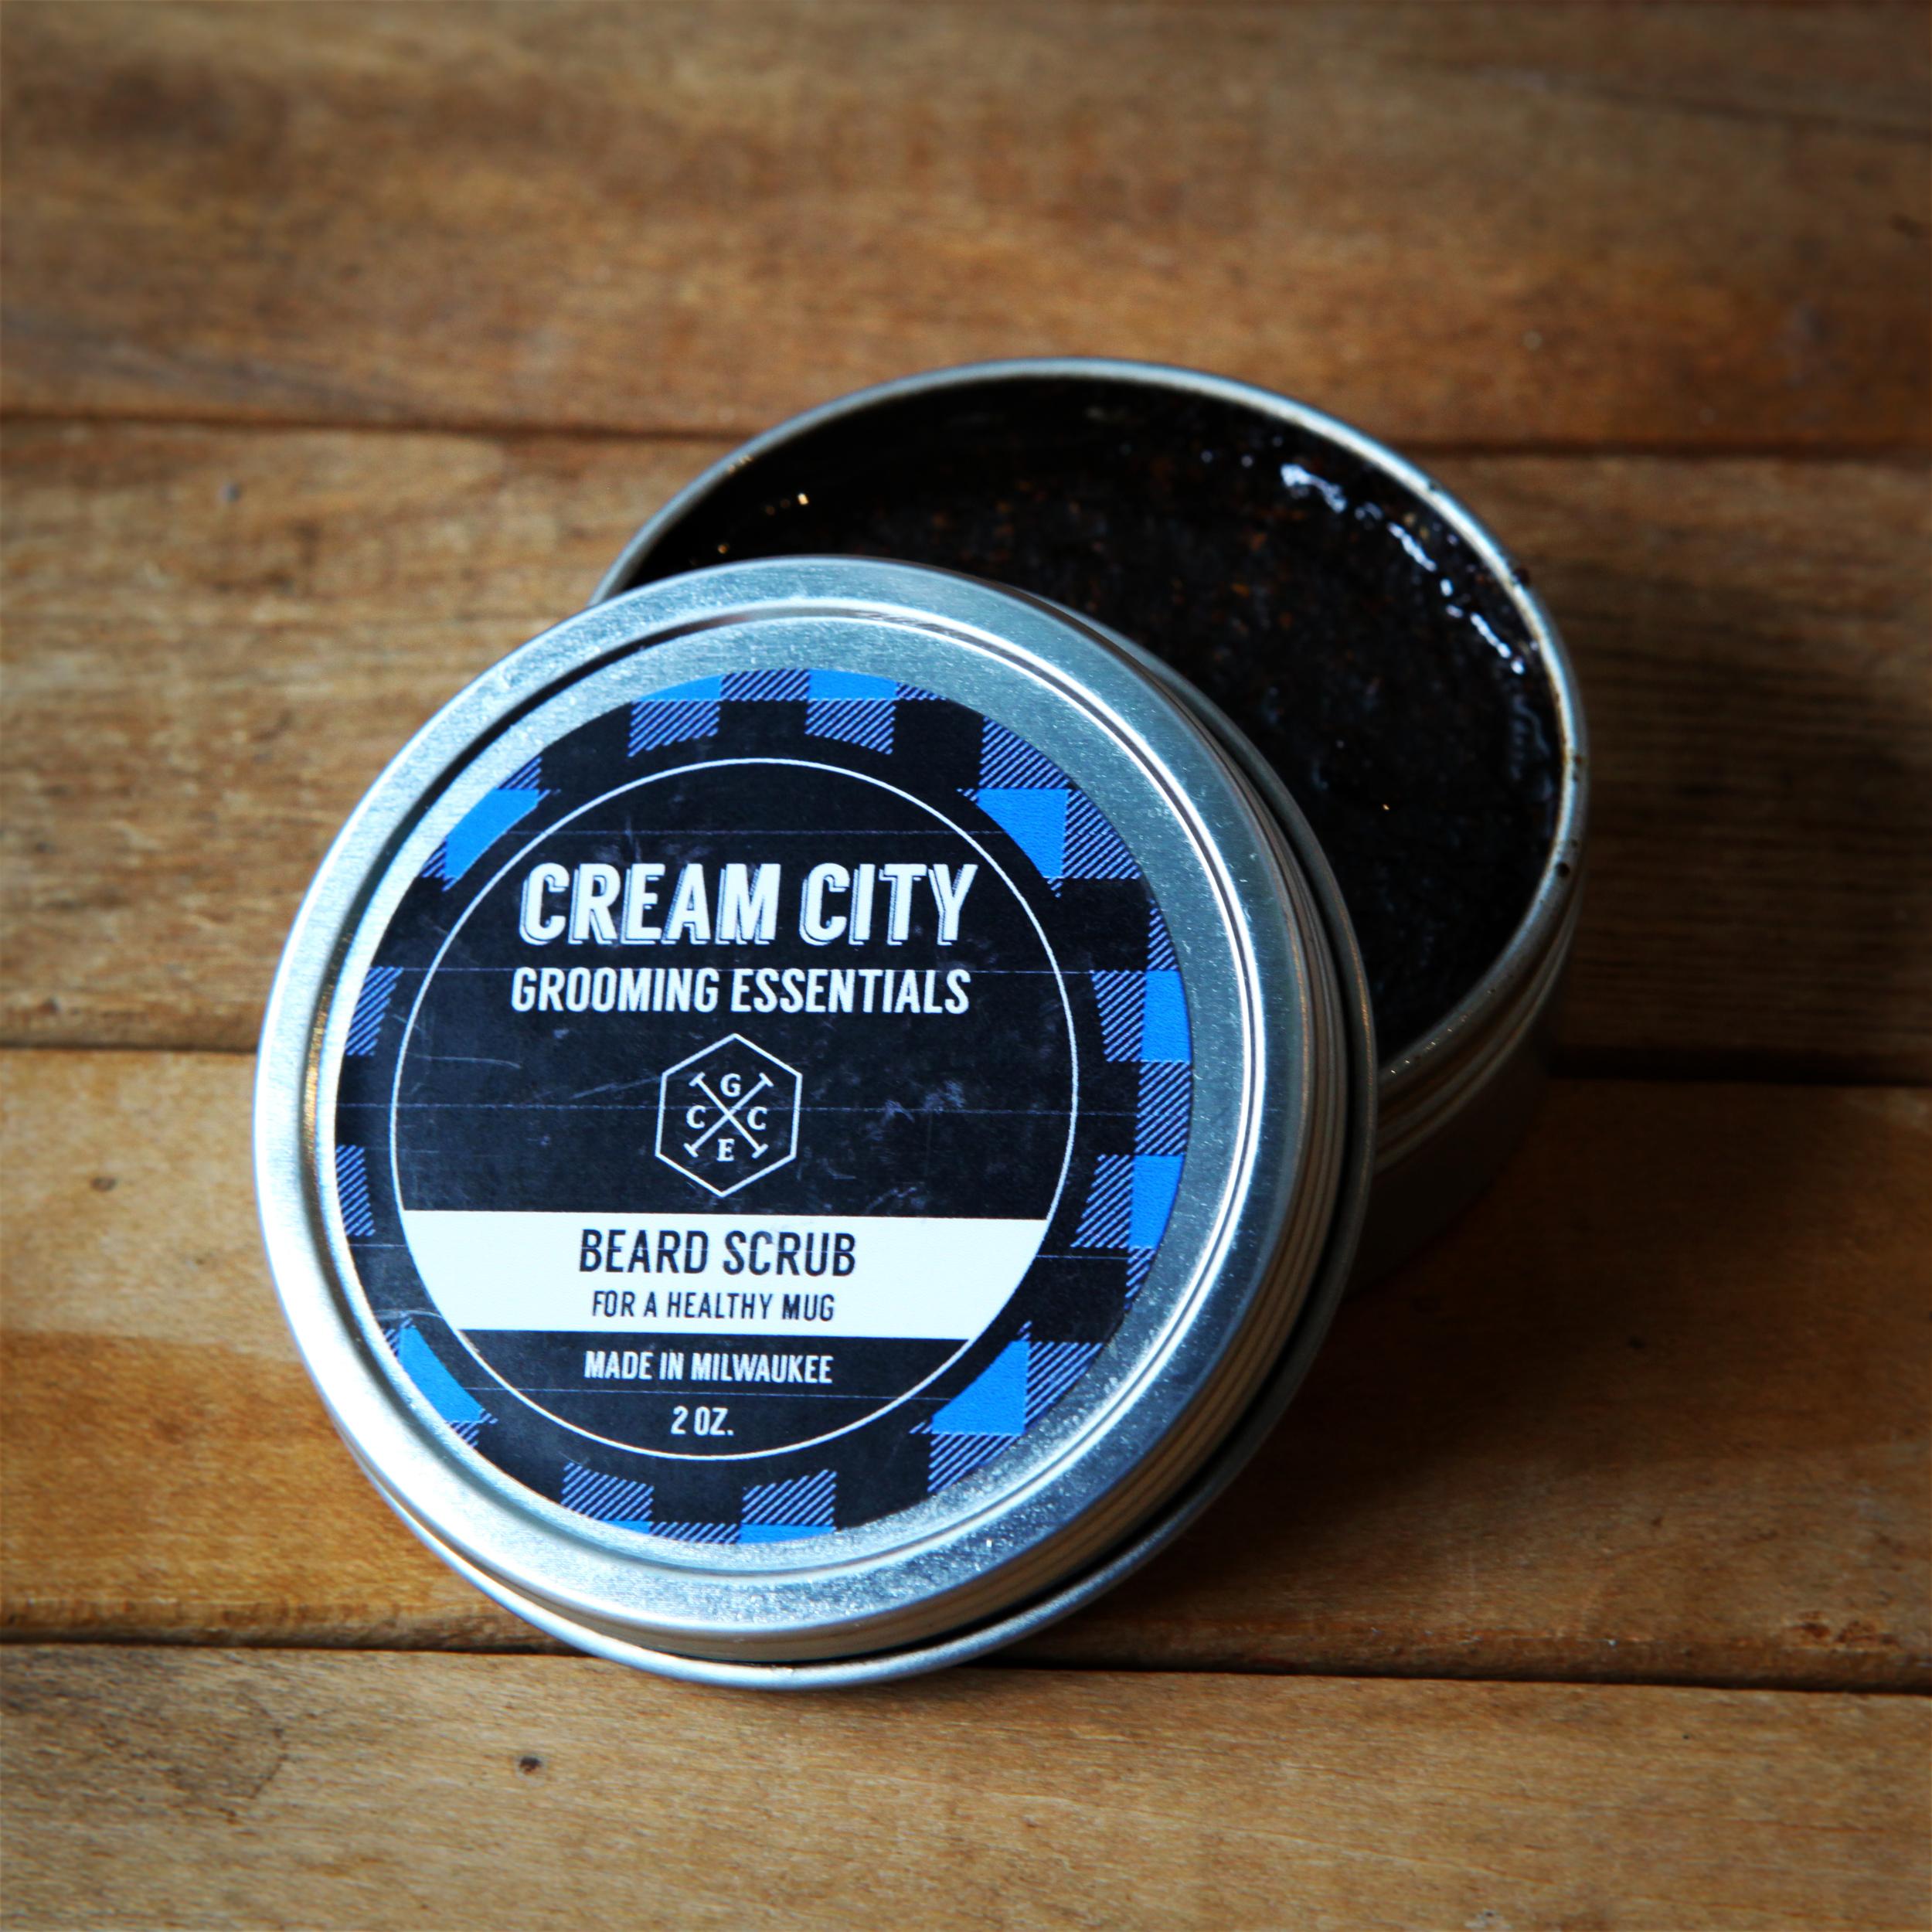 Beard Scrub - For a Healthy Mug - $15/ 2oz tin, $6.50/ .5oz tin. Ingredients: Ground coffee, coconut oil, jojoba oil.